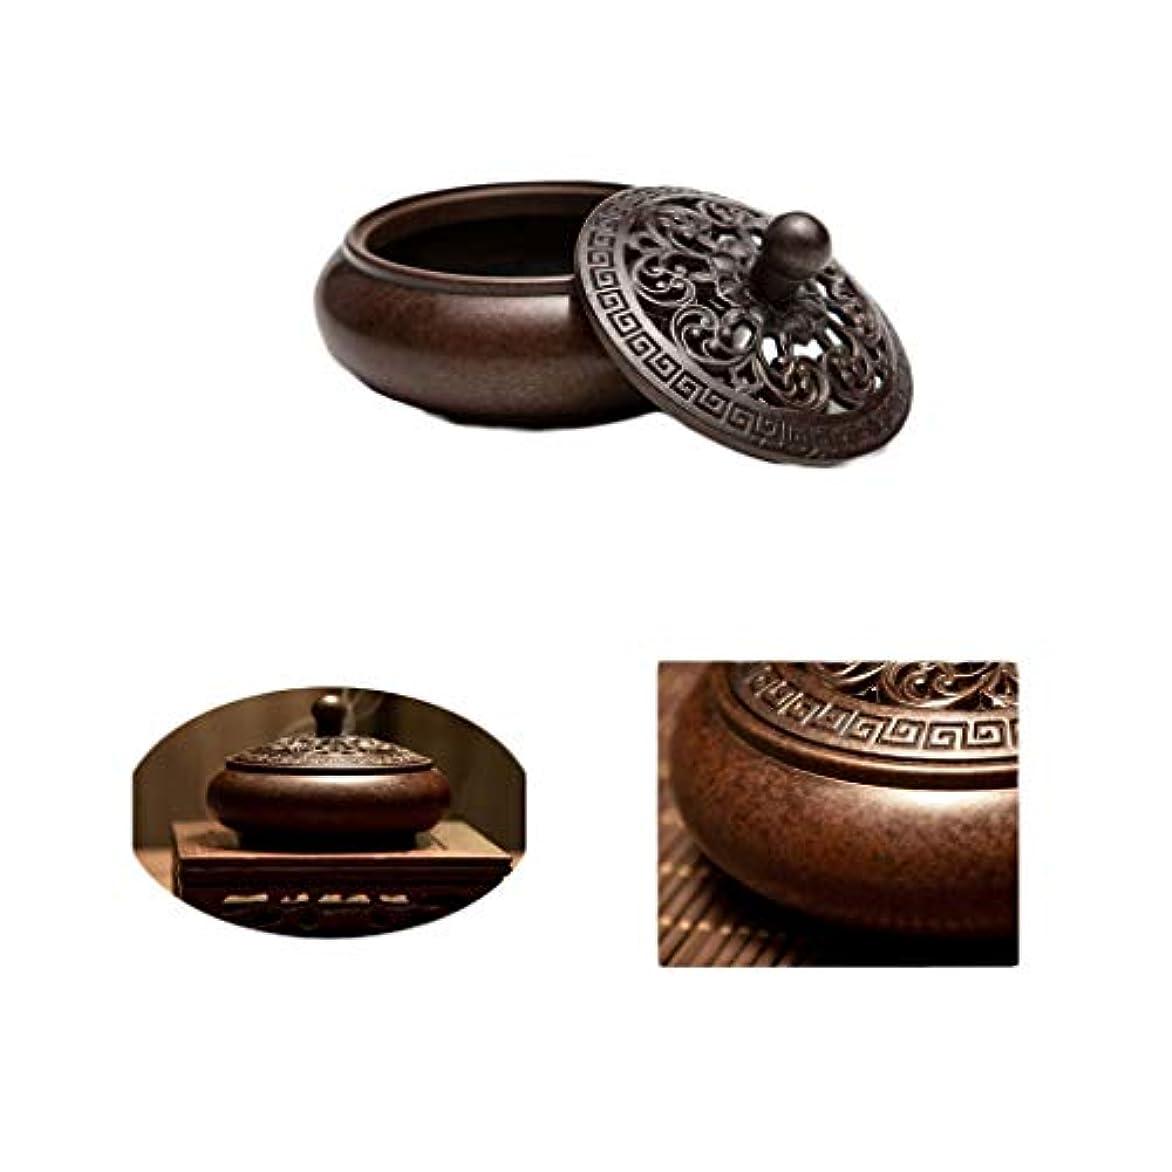 楽しませる貼り直すコンセンサスホームアロマバーナー 純銅香炉アンティーク香炉吉祥香炉手作り香炉 アロマバーナー (Color : Brass)